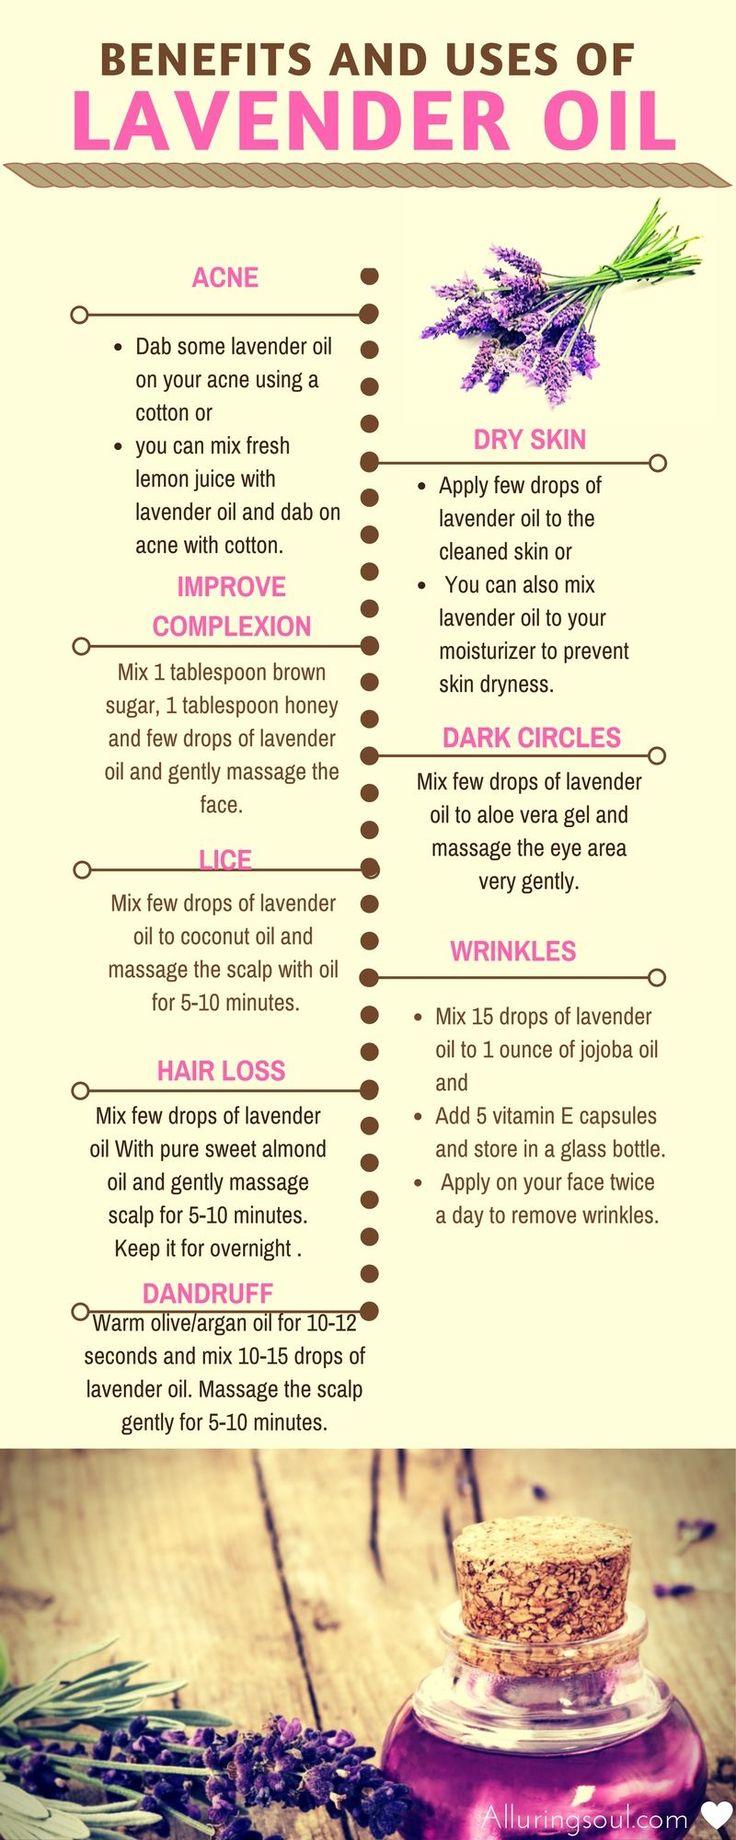 16 Lavendelöl verwendet und Vorteile für Gesicht und Haare